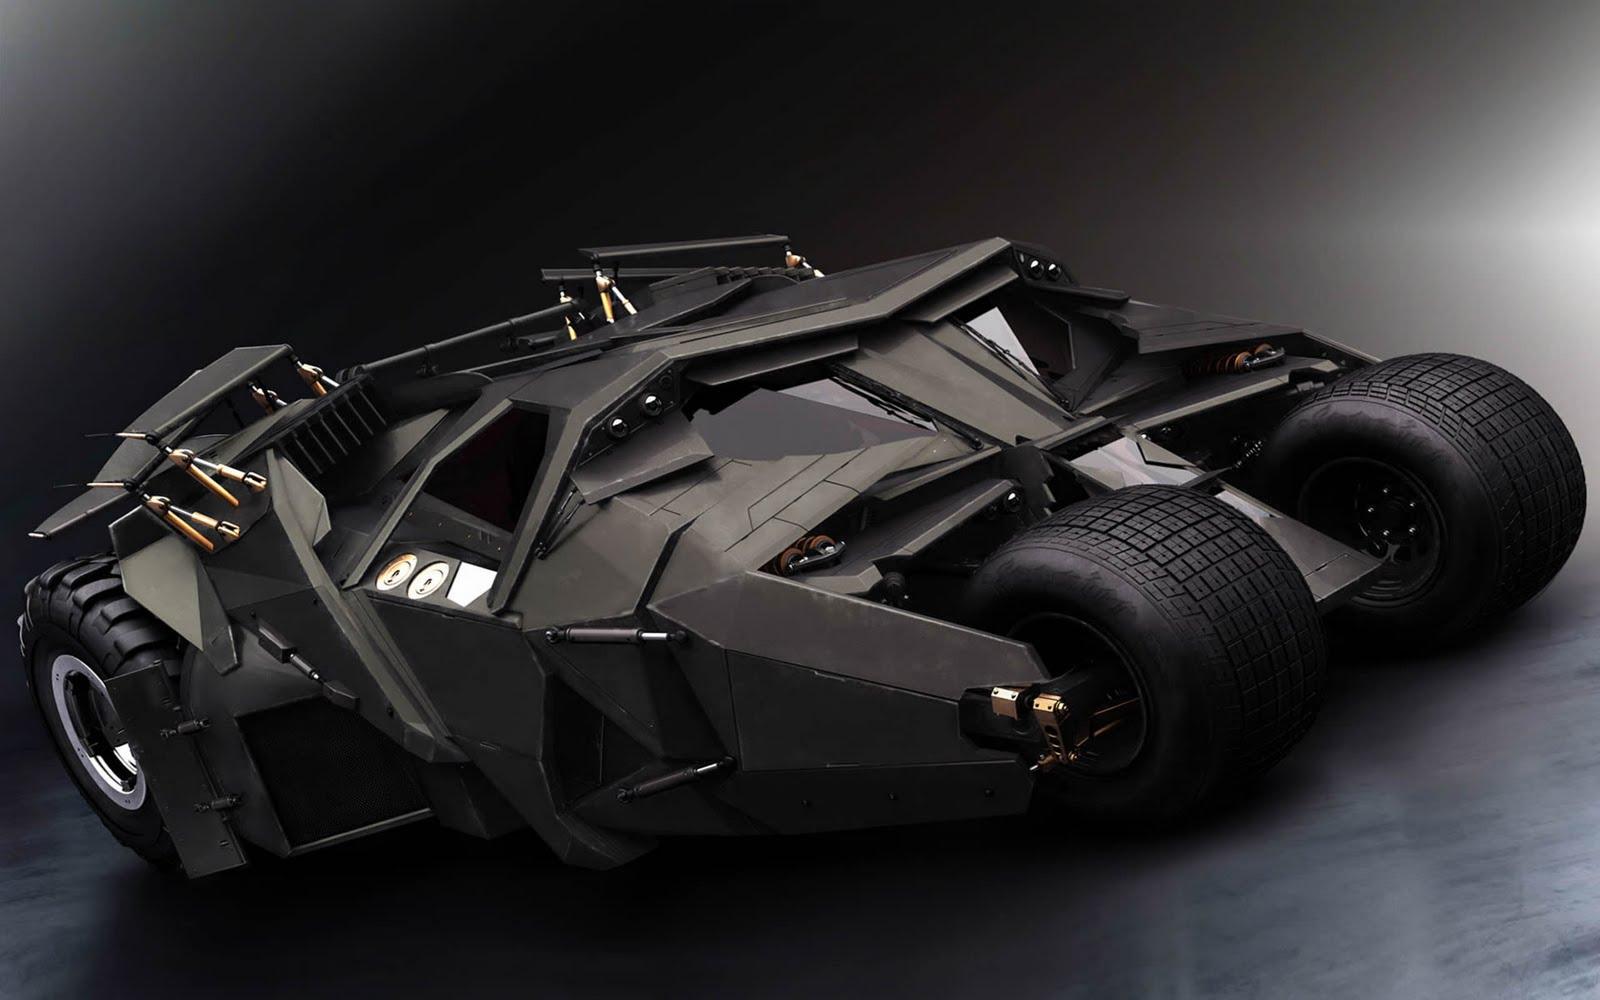 http://2.bp.blogspot.com/-075-DwOUr_s/Tc7WNMBBVeI/AAAAAAAAAFU/jOBXKbimJGs/s1600/Batman-Begins-Batcar.jpg